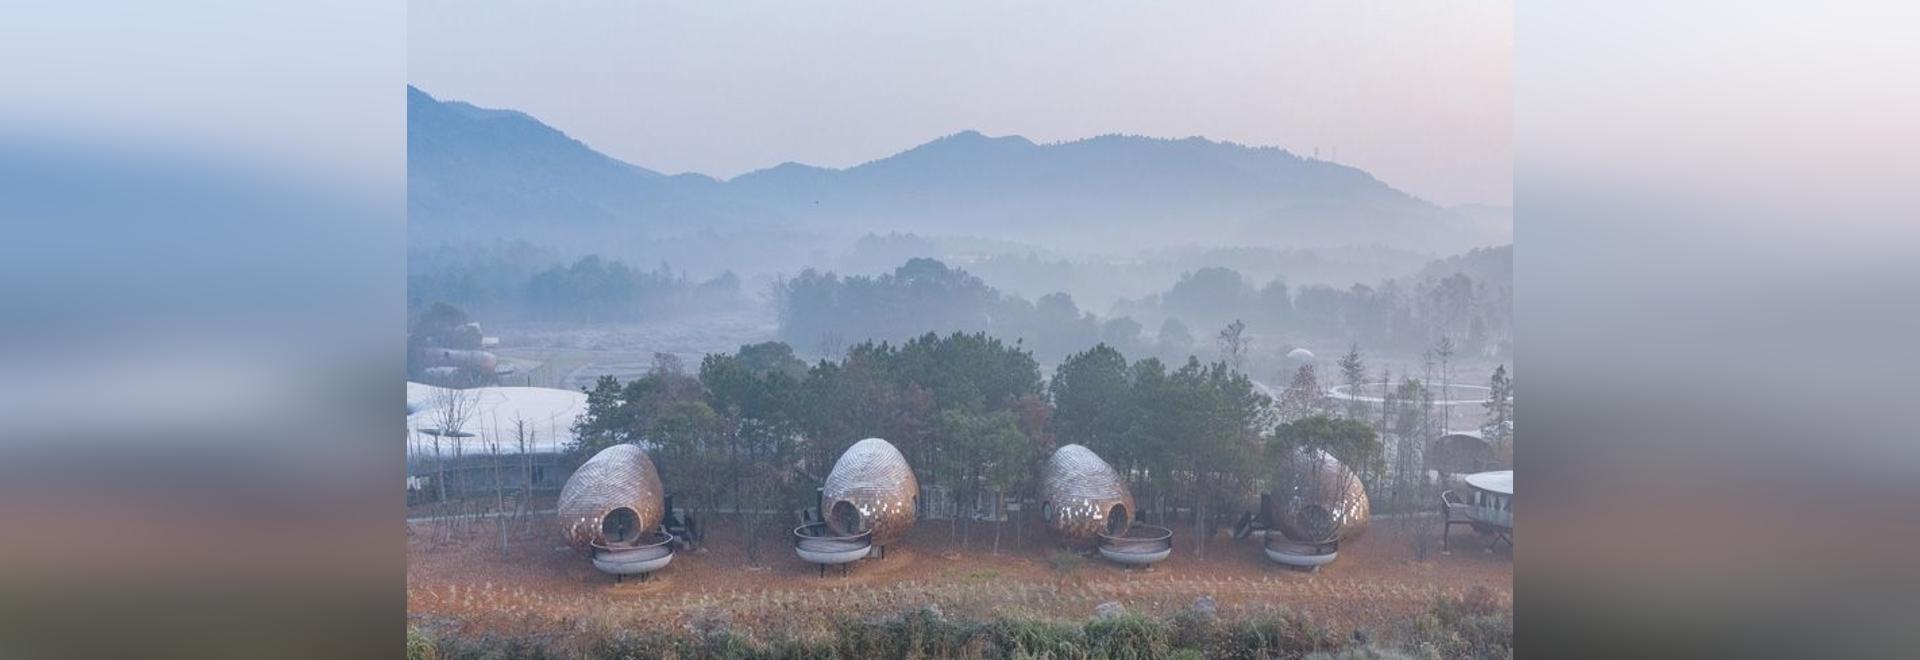 ZJJZ reviste casas de huéspedes elipsoidales de aluminio espejado + tejas de pino en la China rural